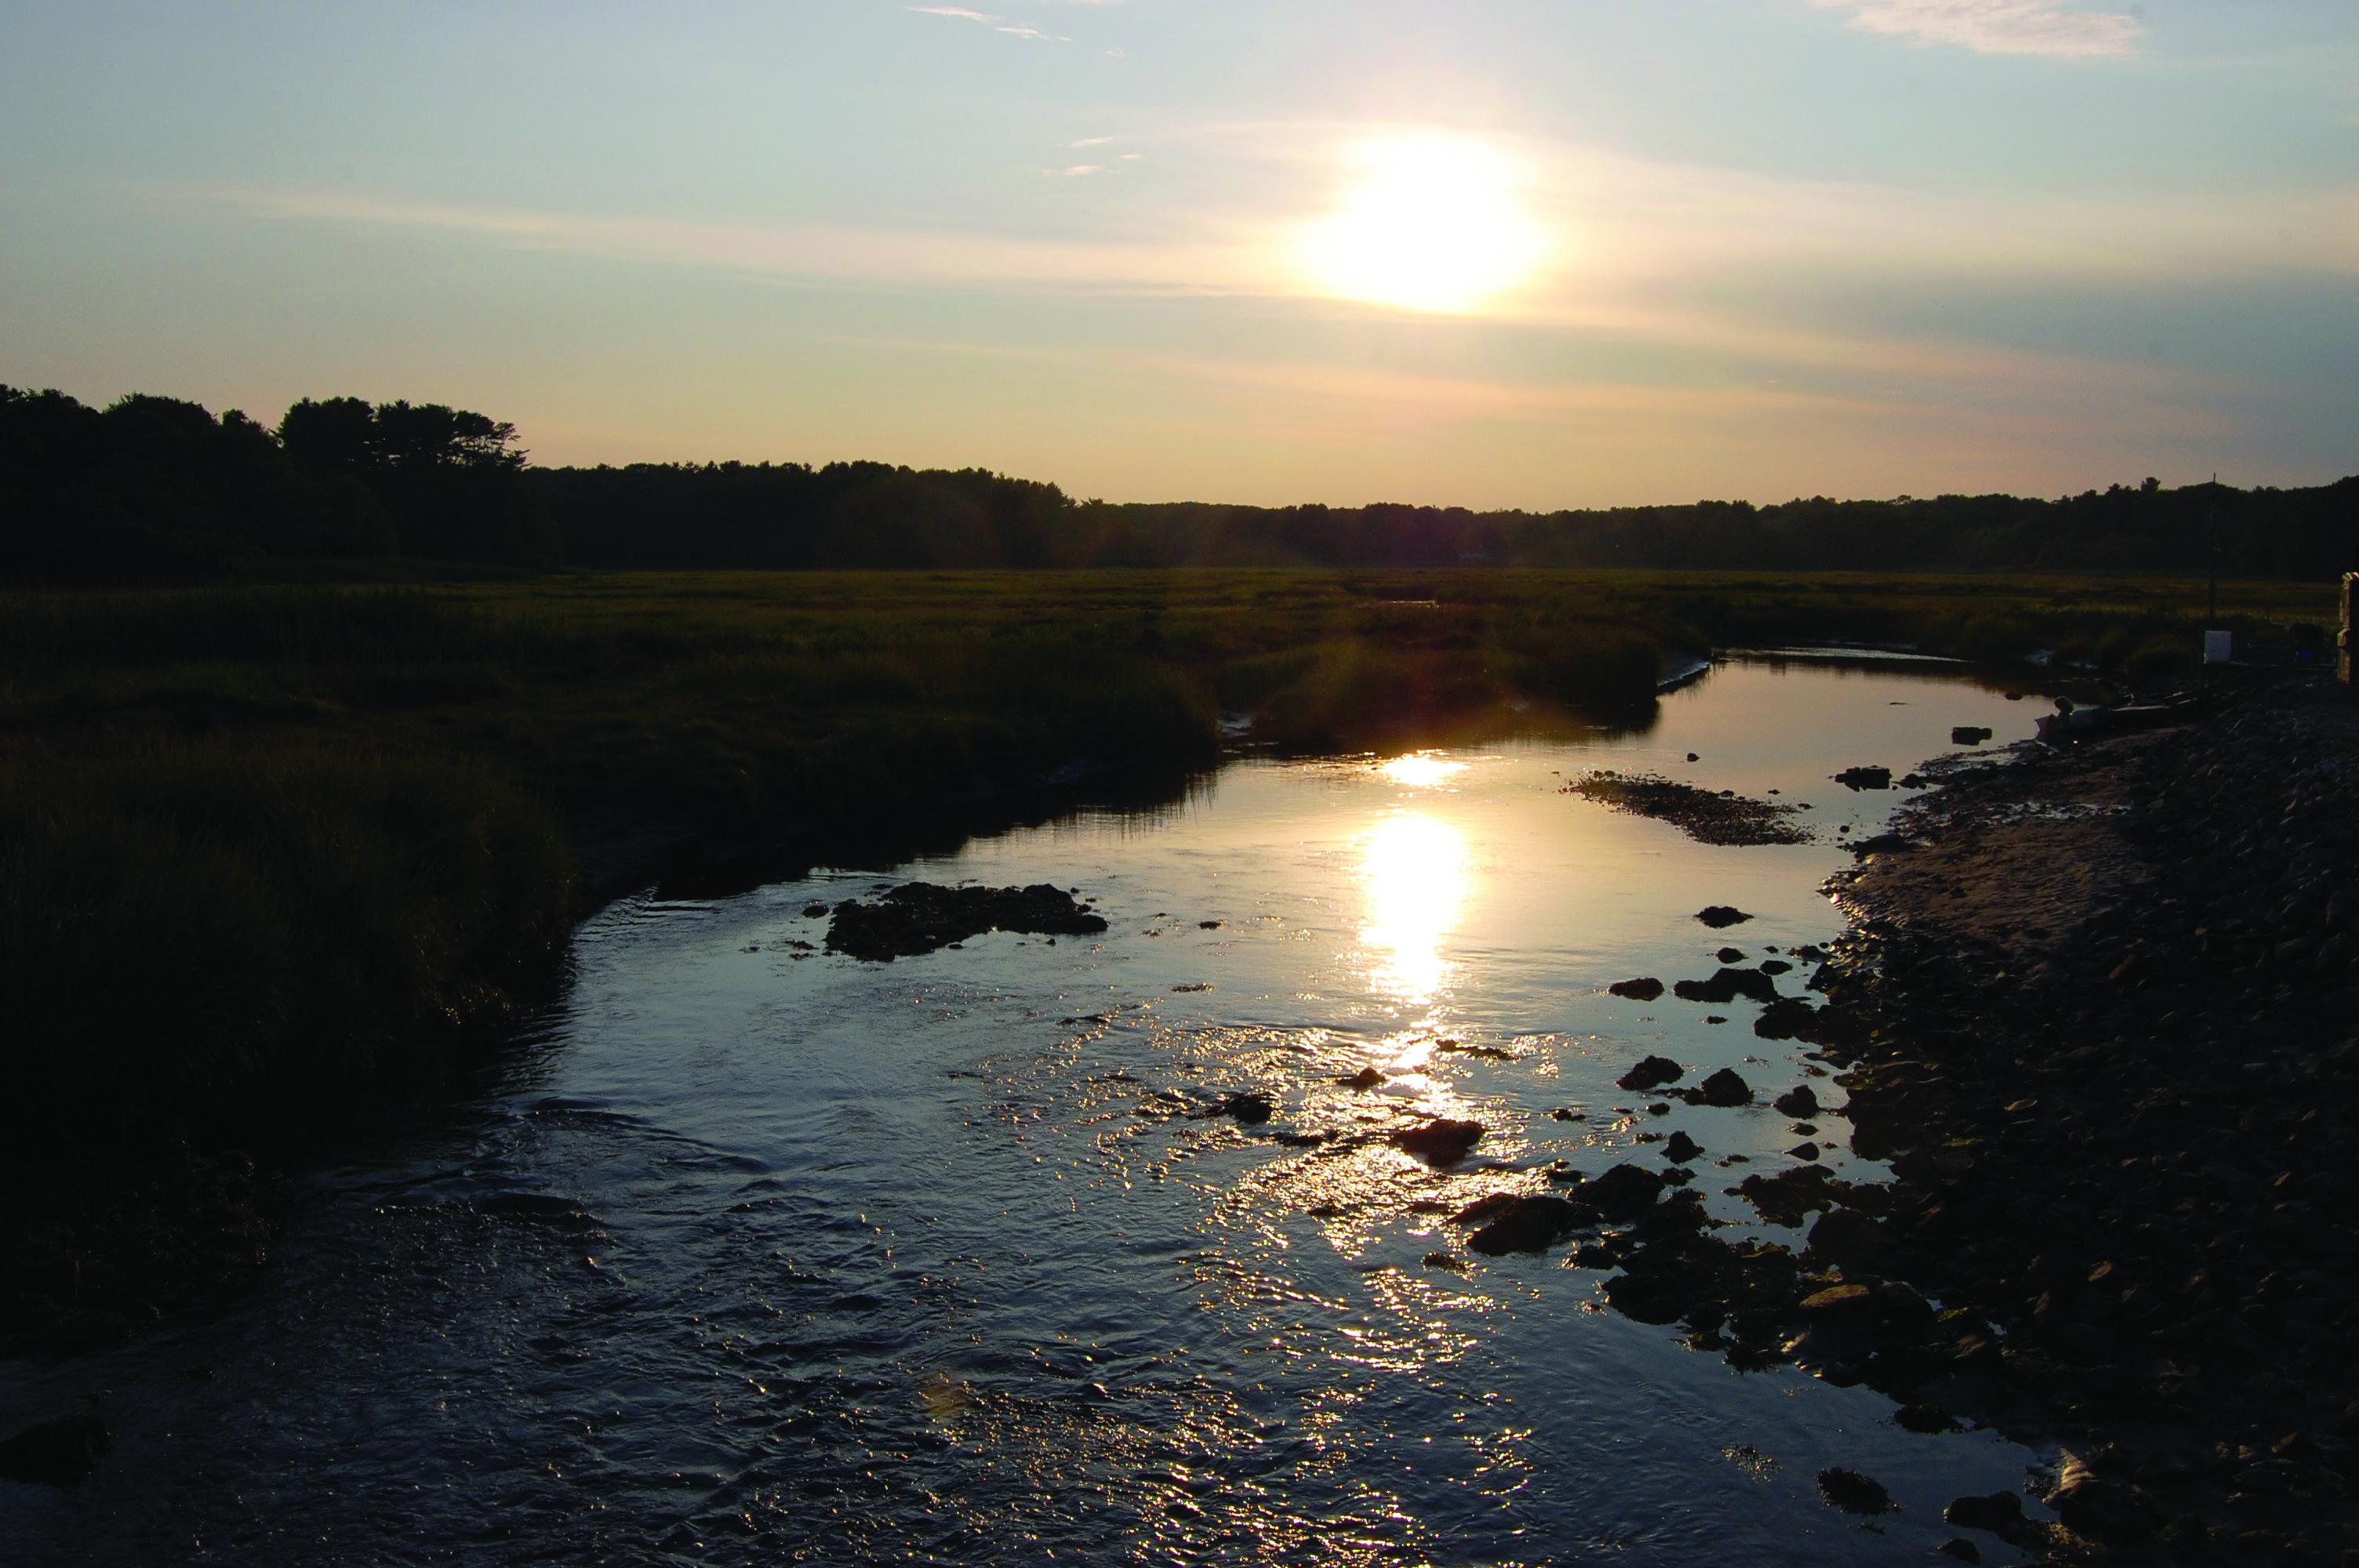 An evening sunset overlooking a darkened marsh.